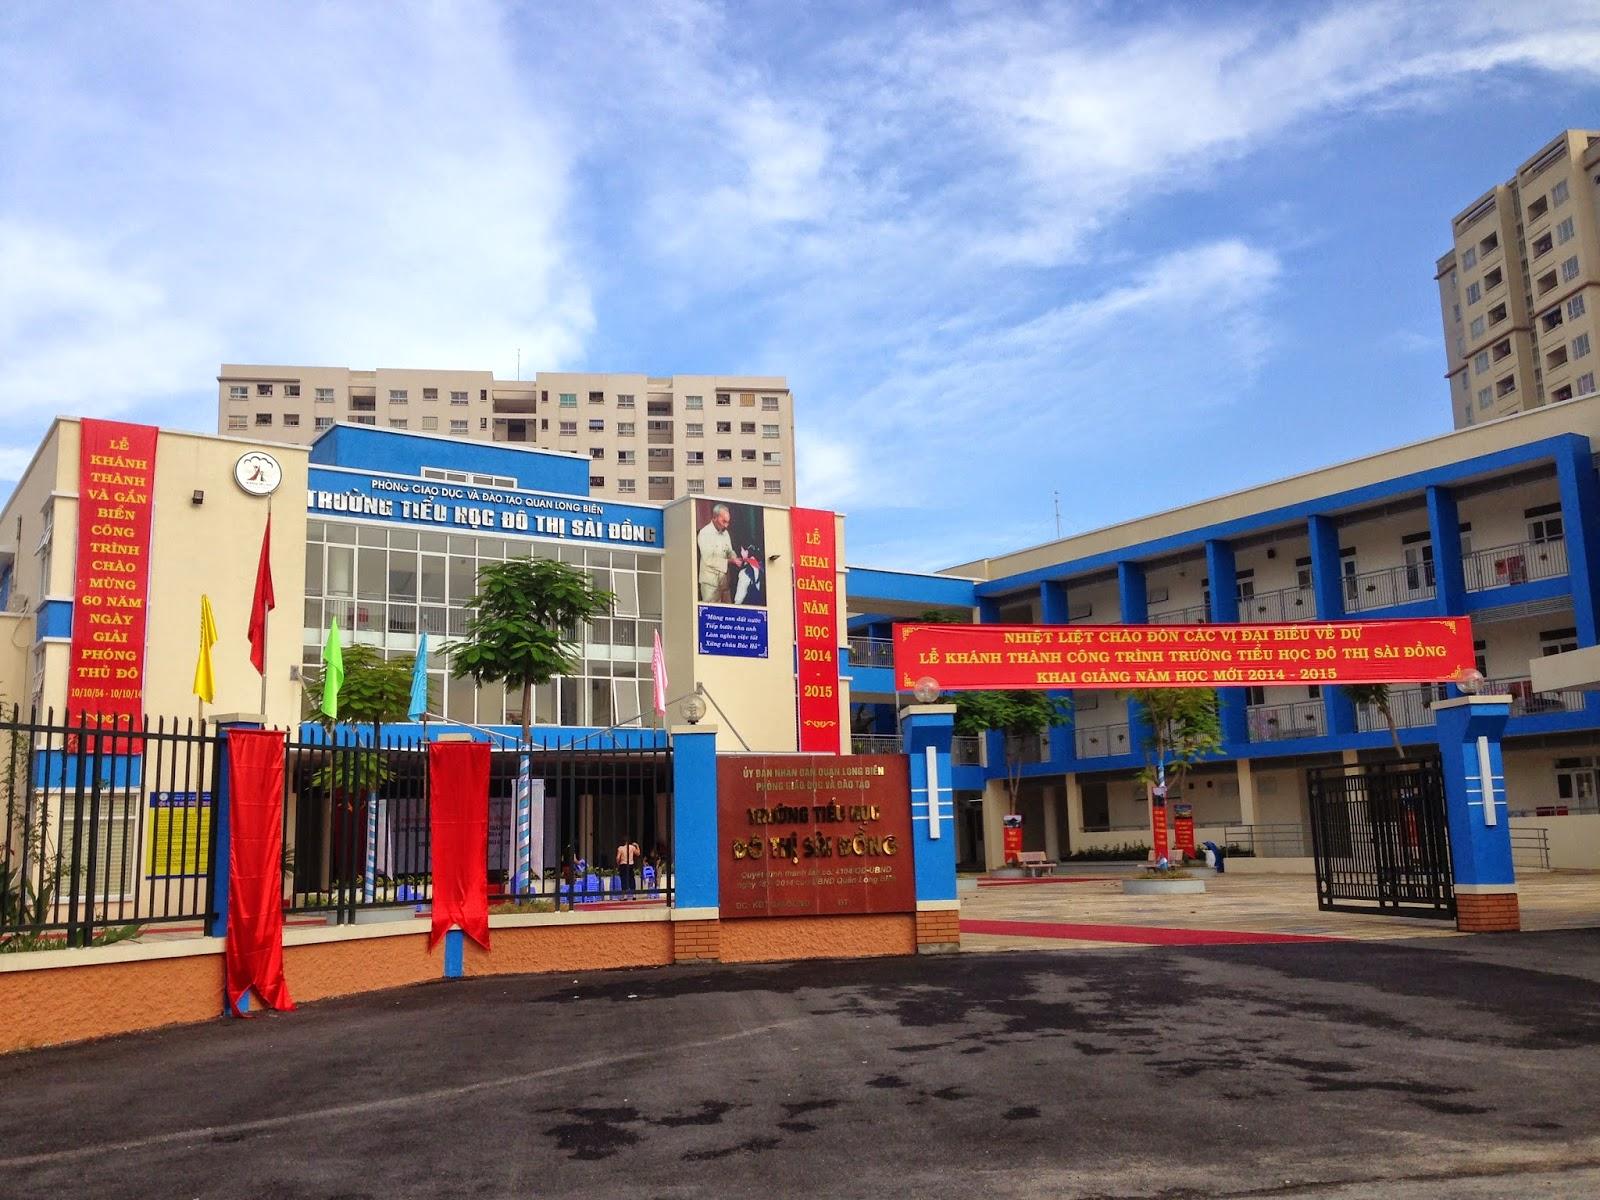 Đô thị Sài Đồng - Tiểu học công lập quận Long Biên, Hà Nội (Ảnh: Phường Sài Đồng, UBND quận Long Biên)